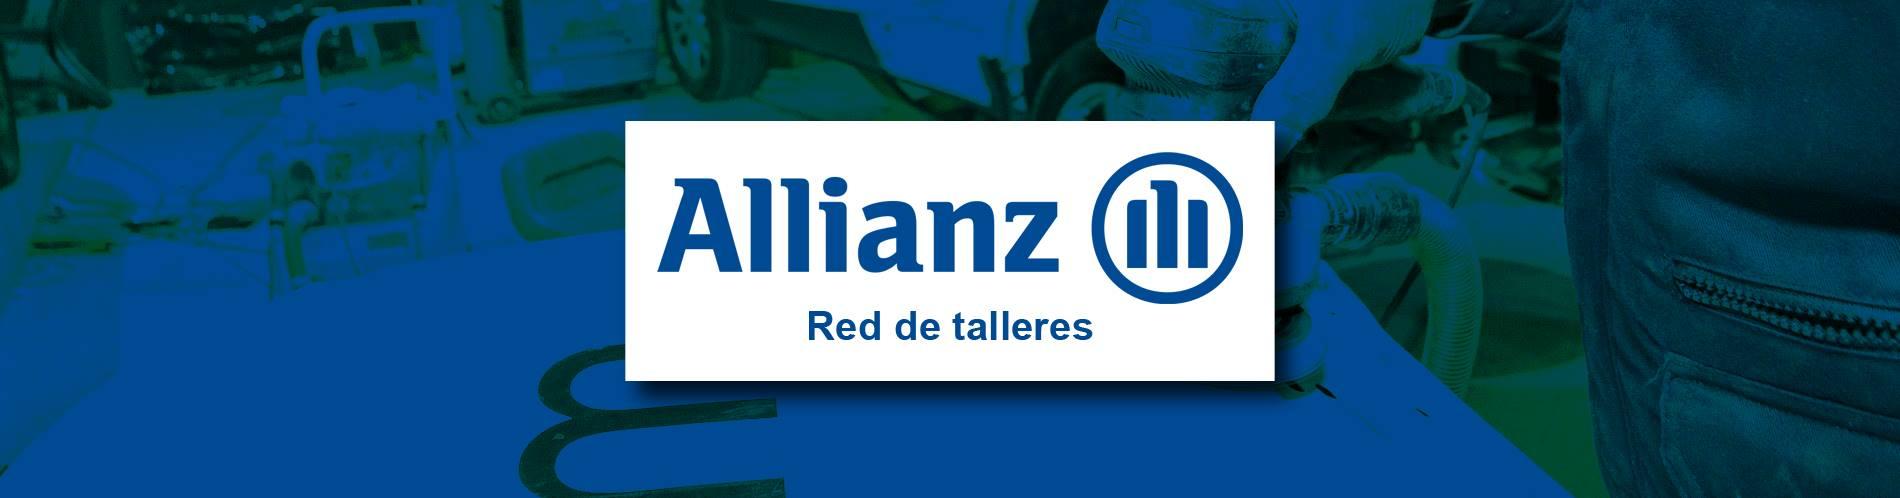 Talleres de chapa y pintura ALLIANZ - Palma de Mallorca